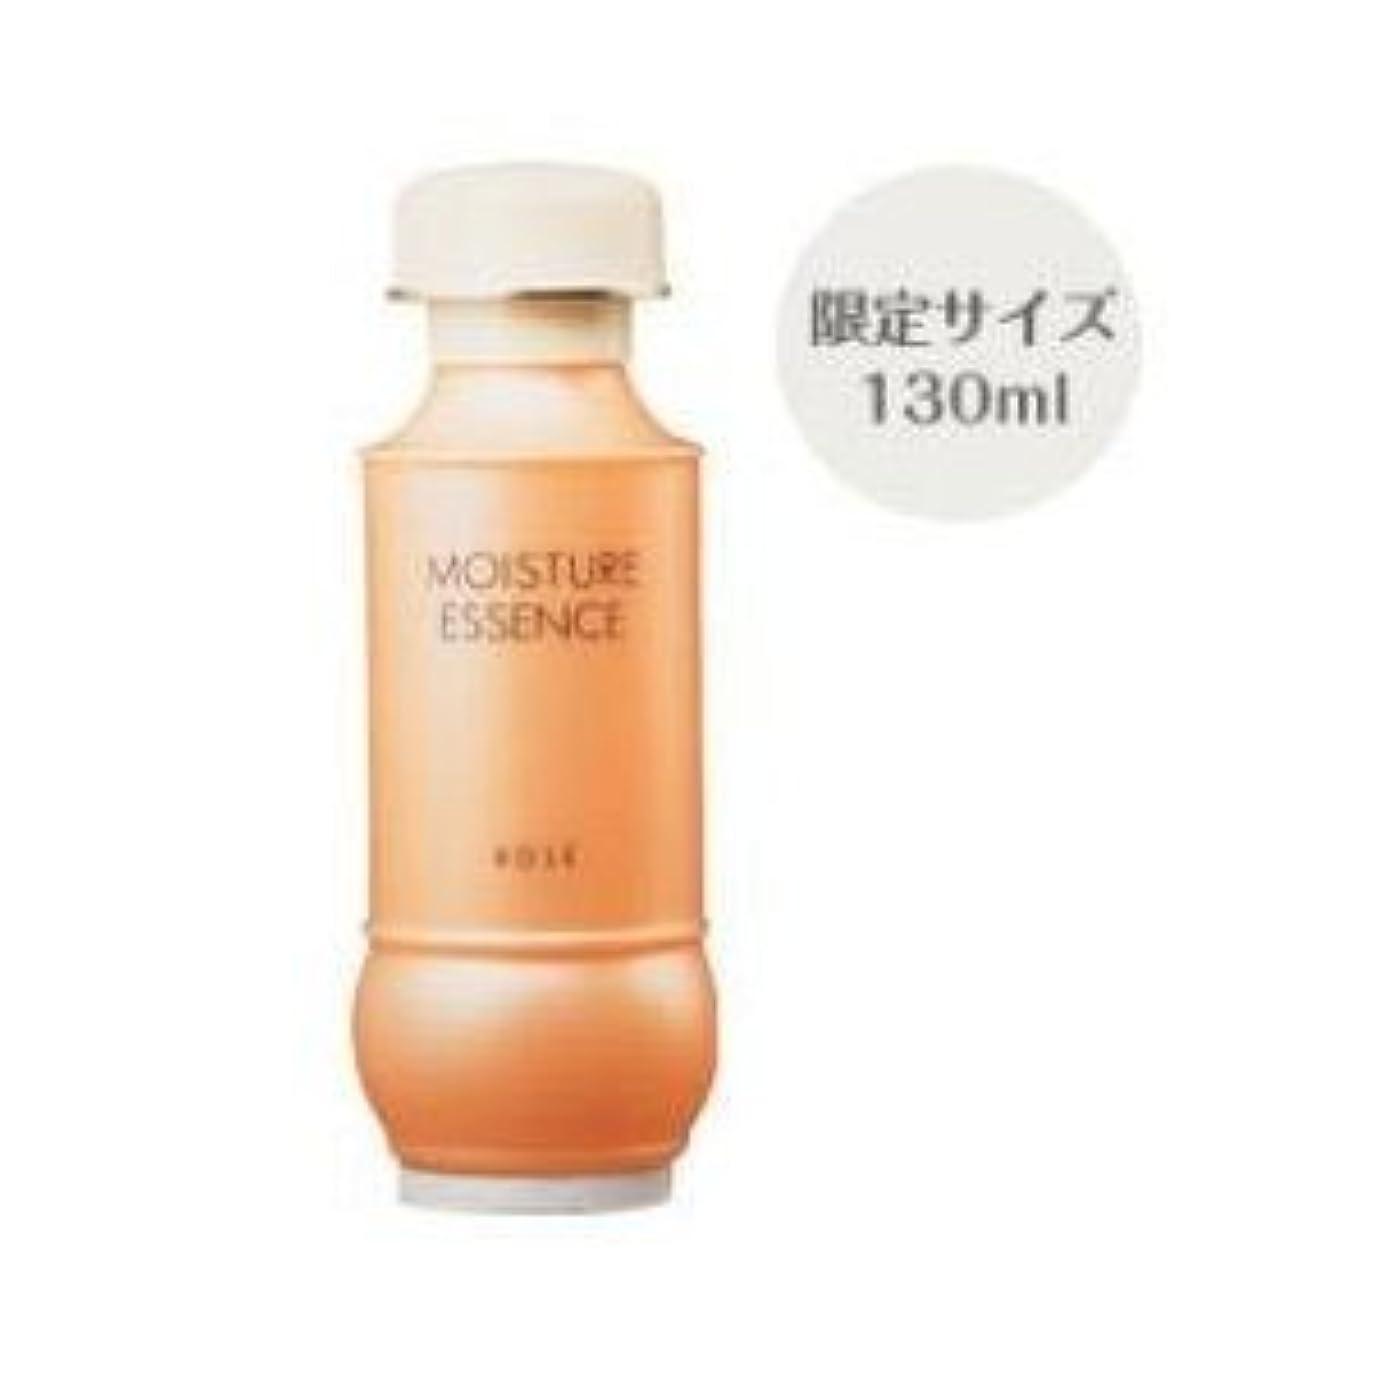 印象的な強化インフラコーセーモイスチュアエッセンス F?F (無香料) 130ml 【限定増量ボトル】 2個